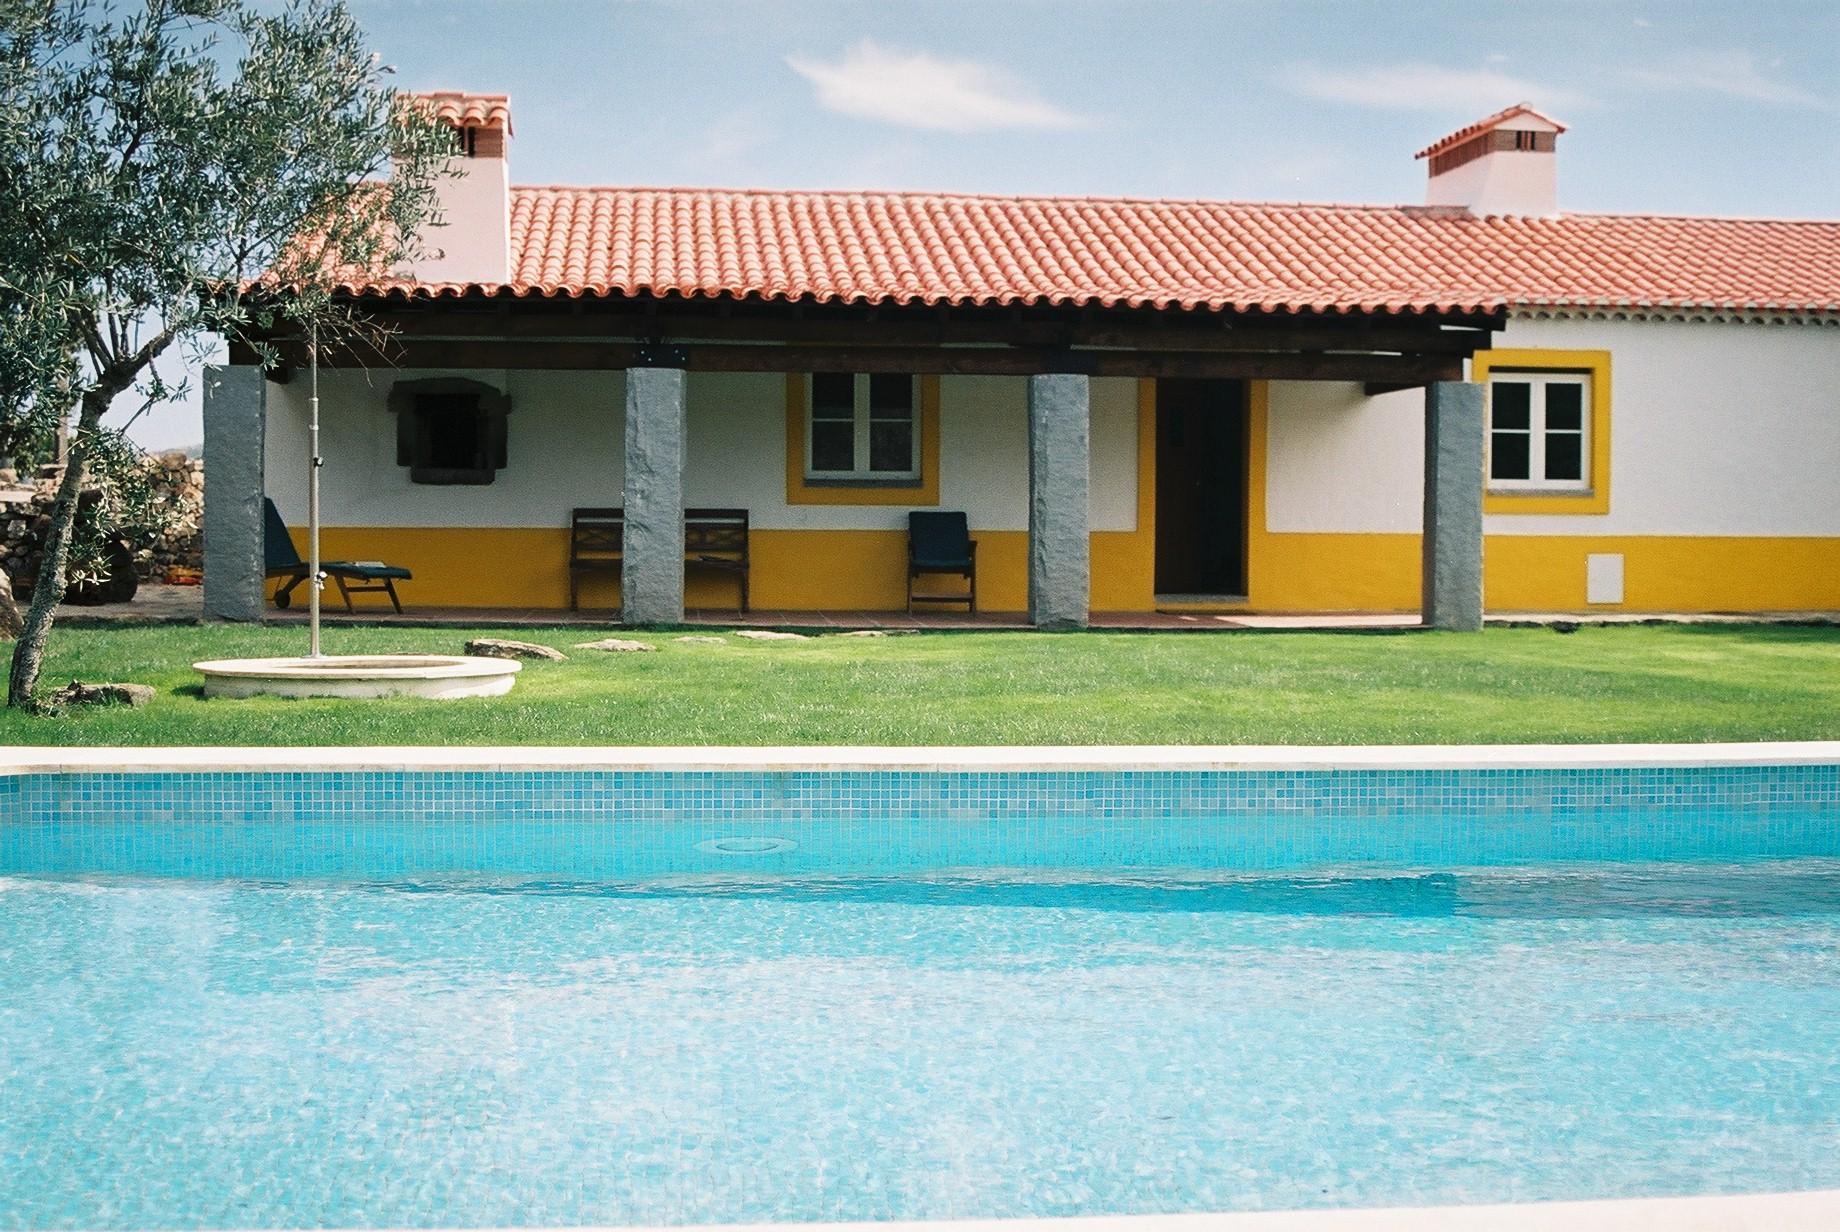 Casa_Piscina.jpg